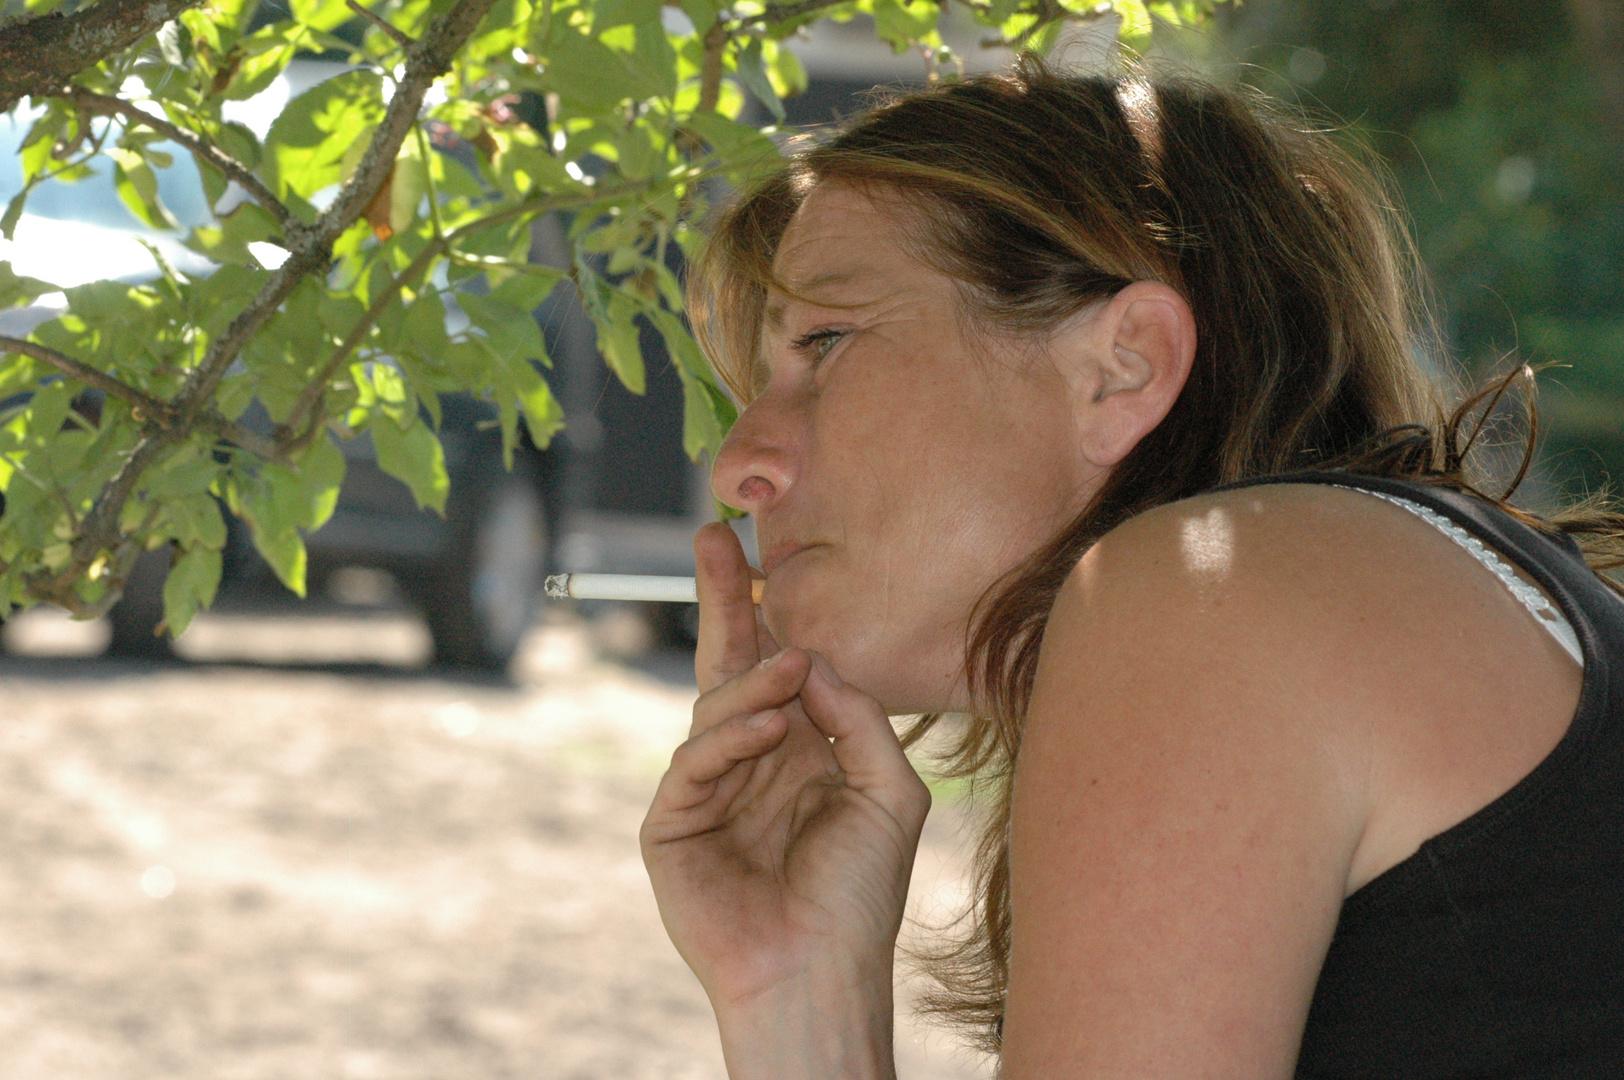 Rauchen im Schatten